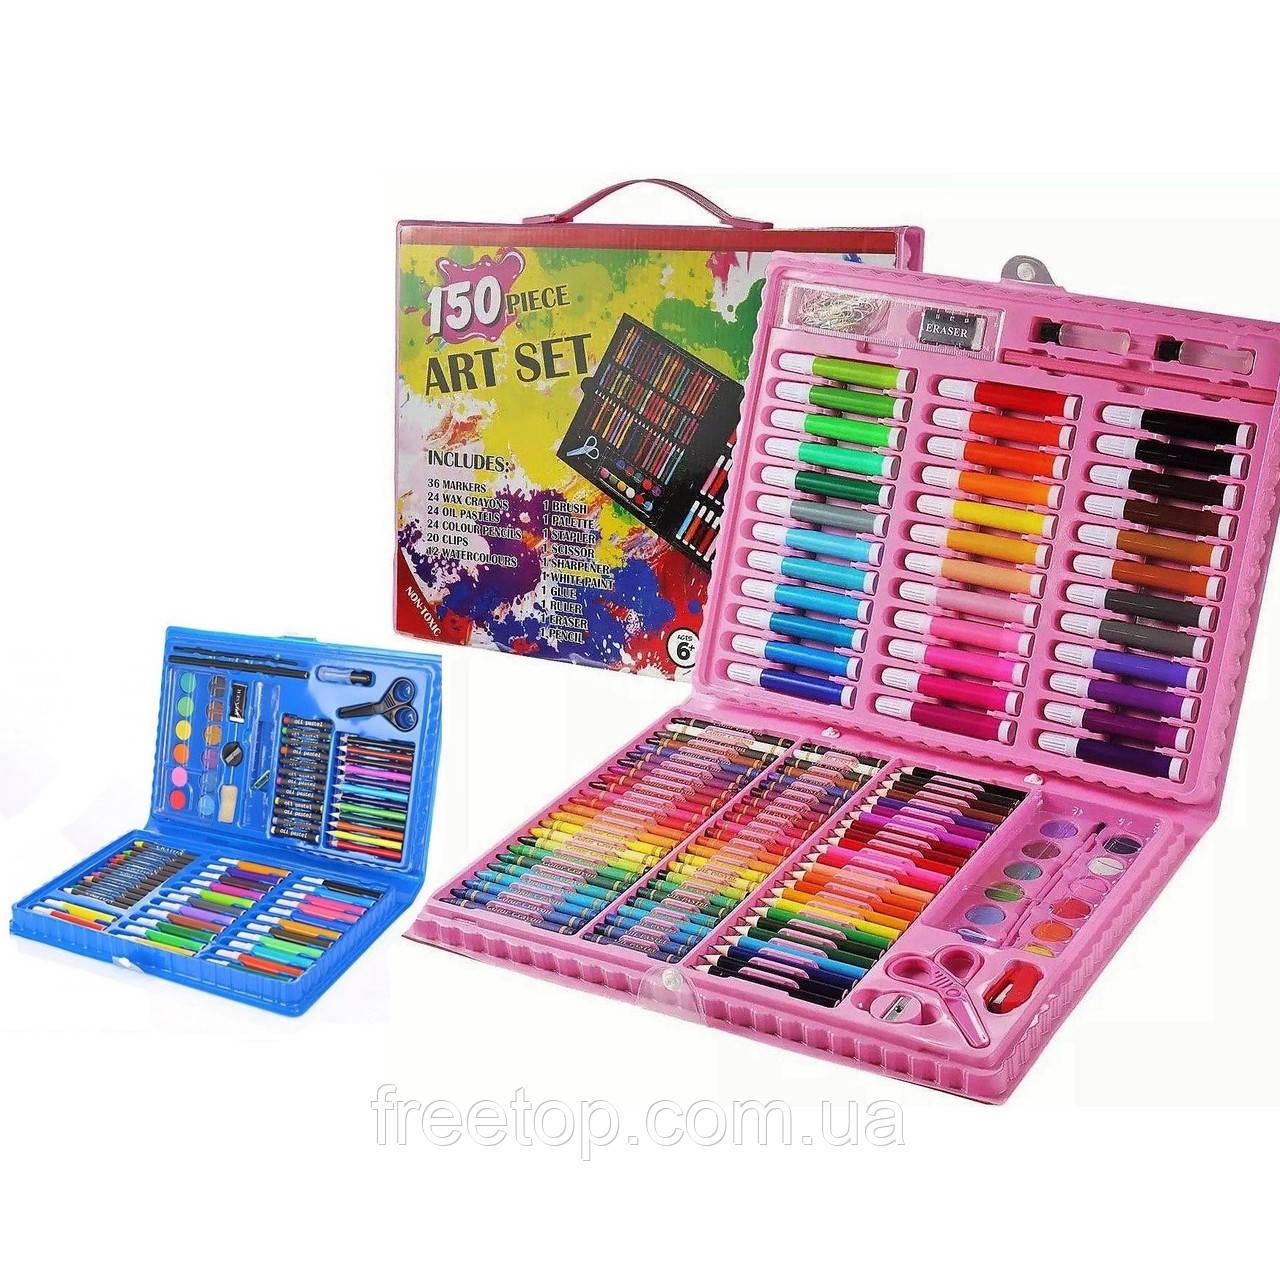 Детский художественный набор для рисования Art set 150 предметов (на выбор для мальчика/девочки